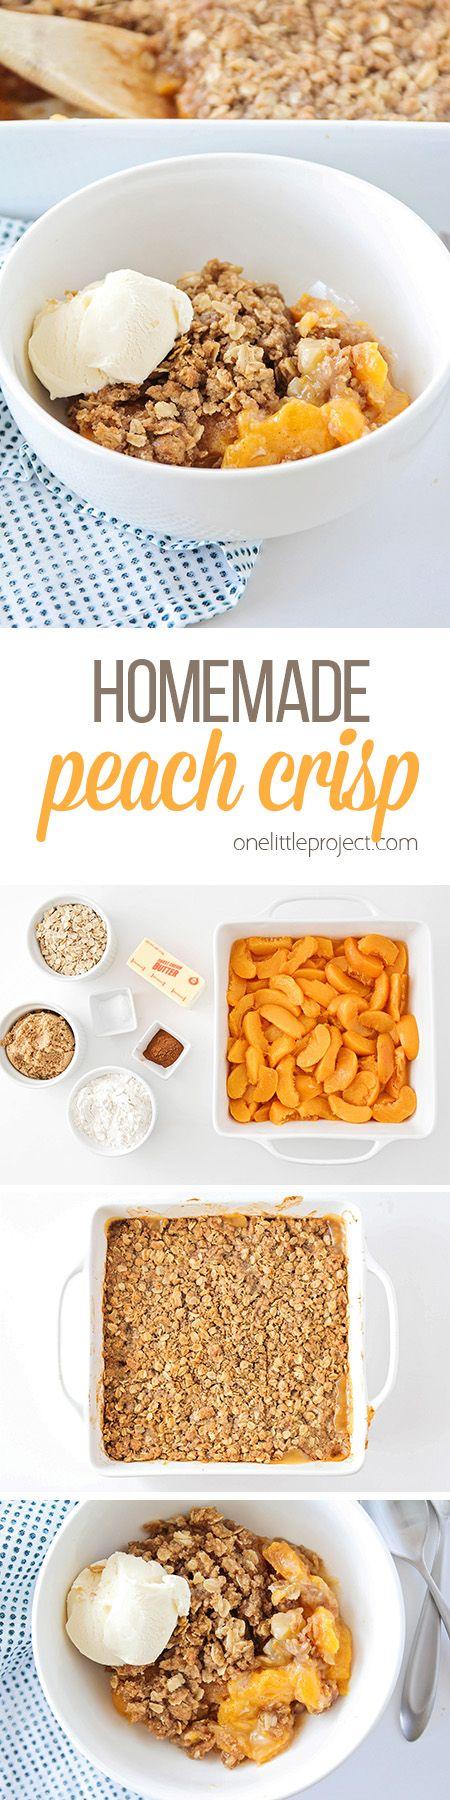 Homemade Peach Crisp Recipe Food recipes, Dessert